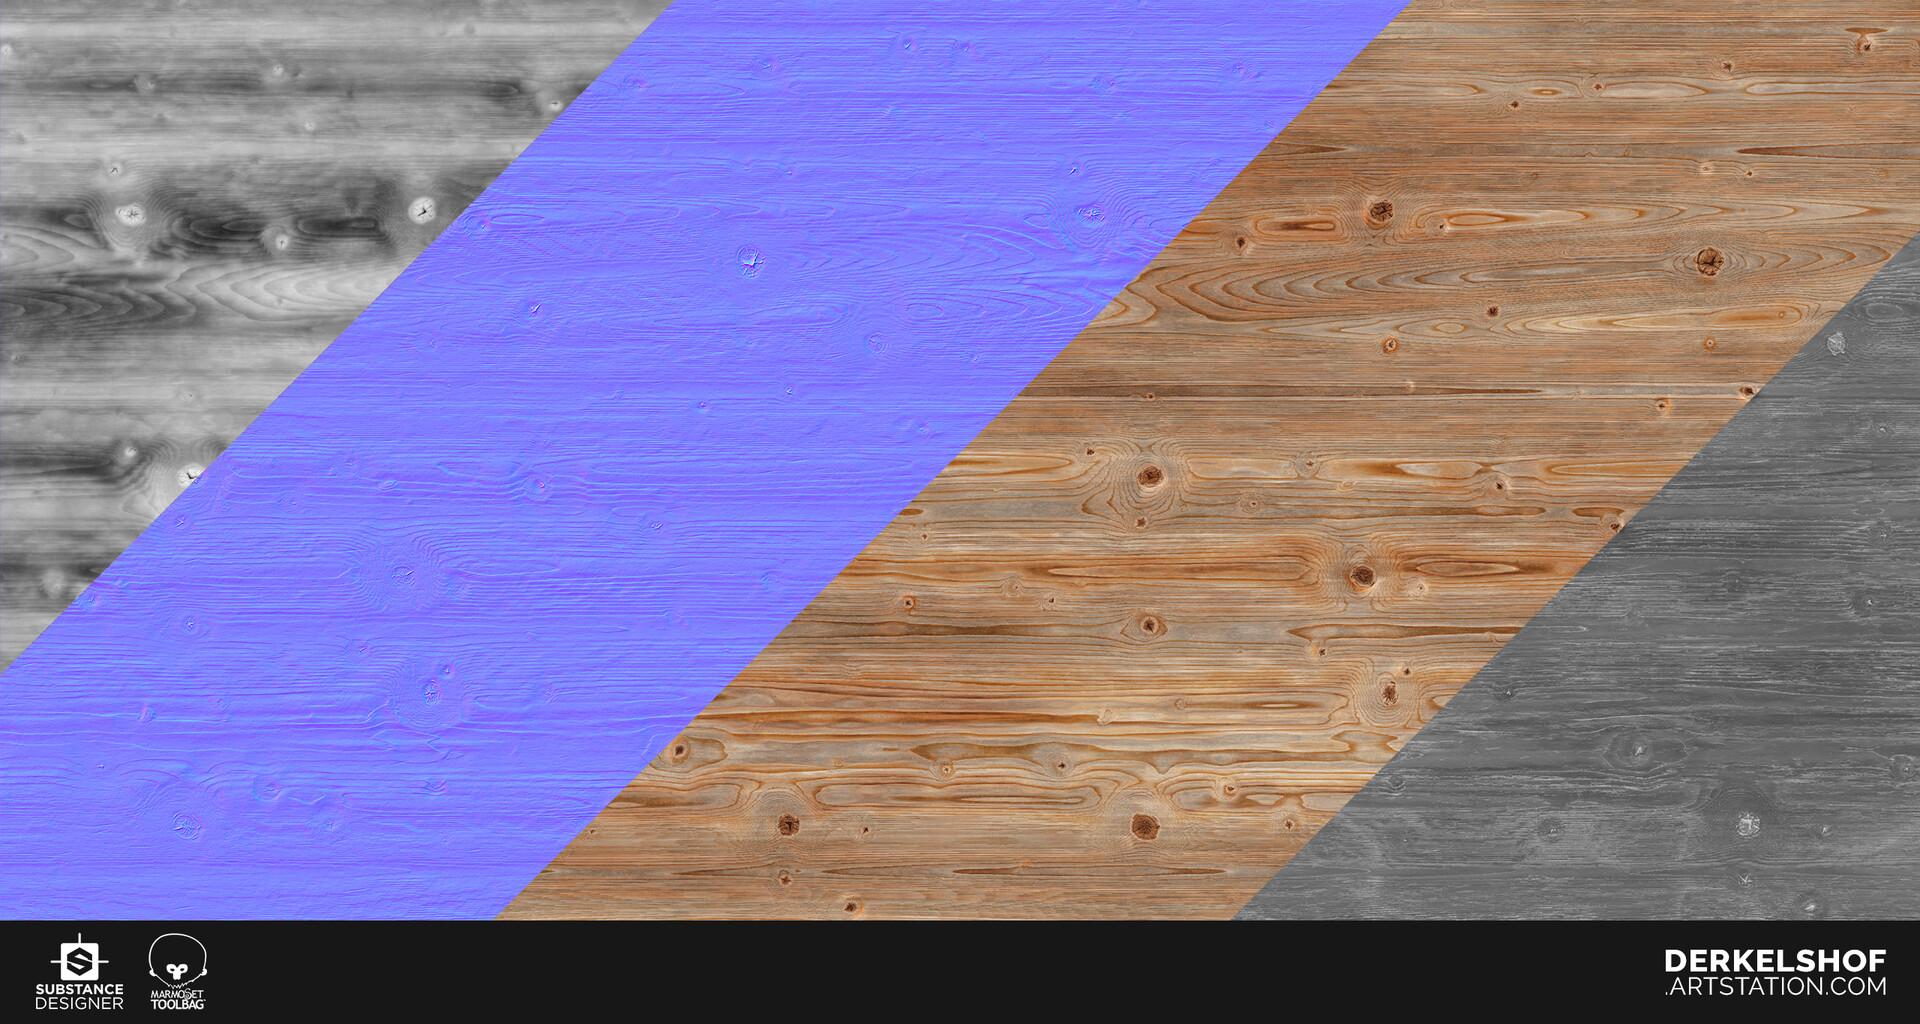 Derk elshof wood 2